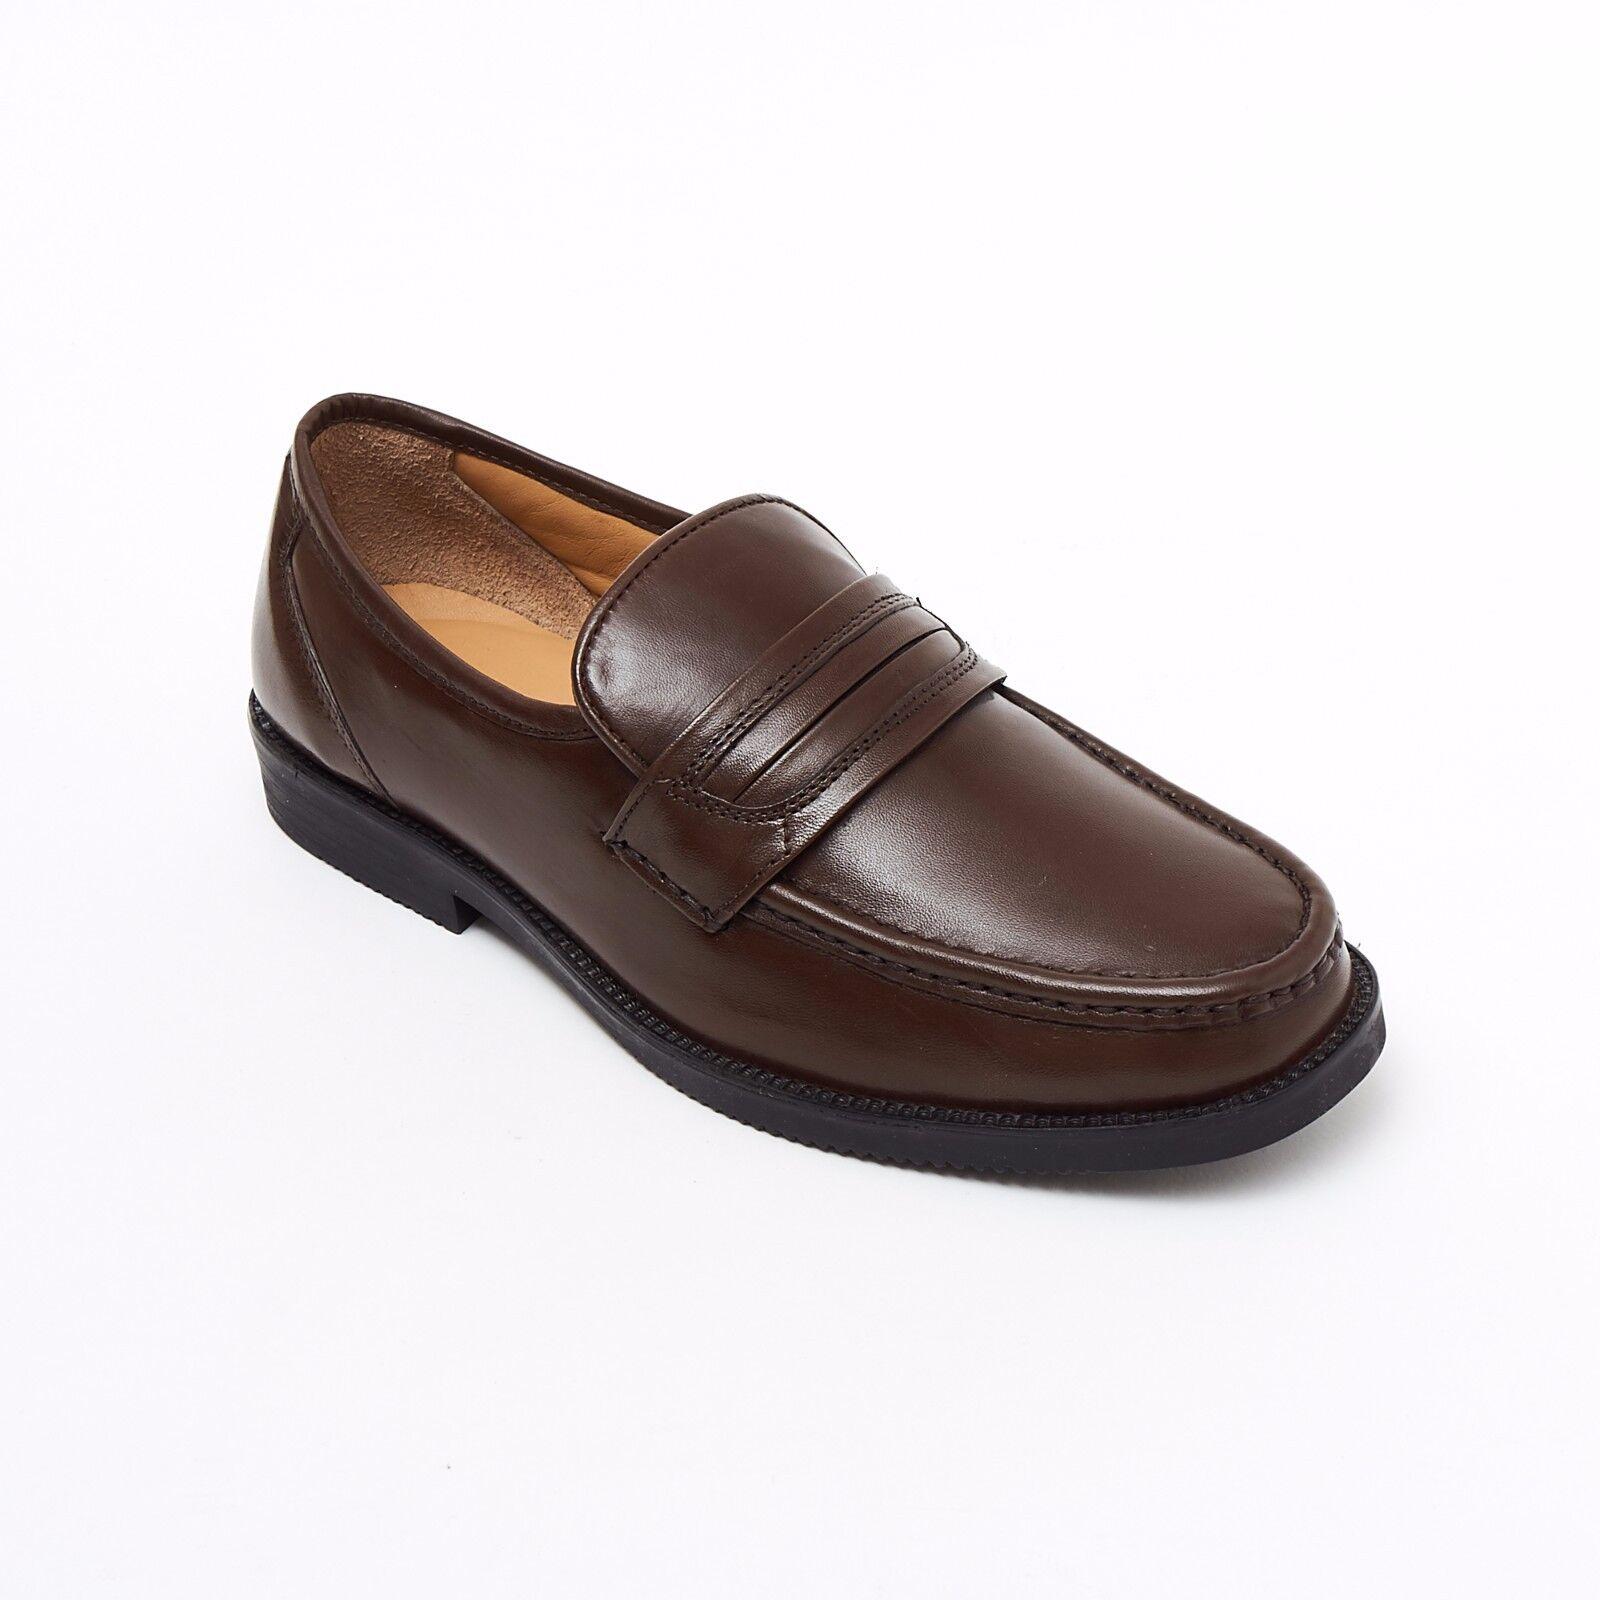 Lucini Formal Men Brown Leather Mocassin Heels shoes Slip On Wedding Loafer